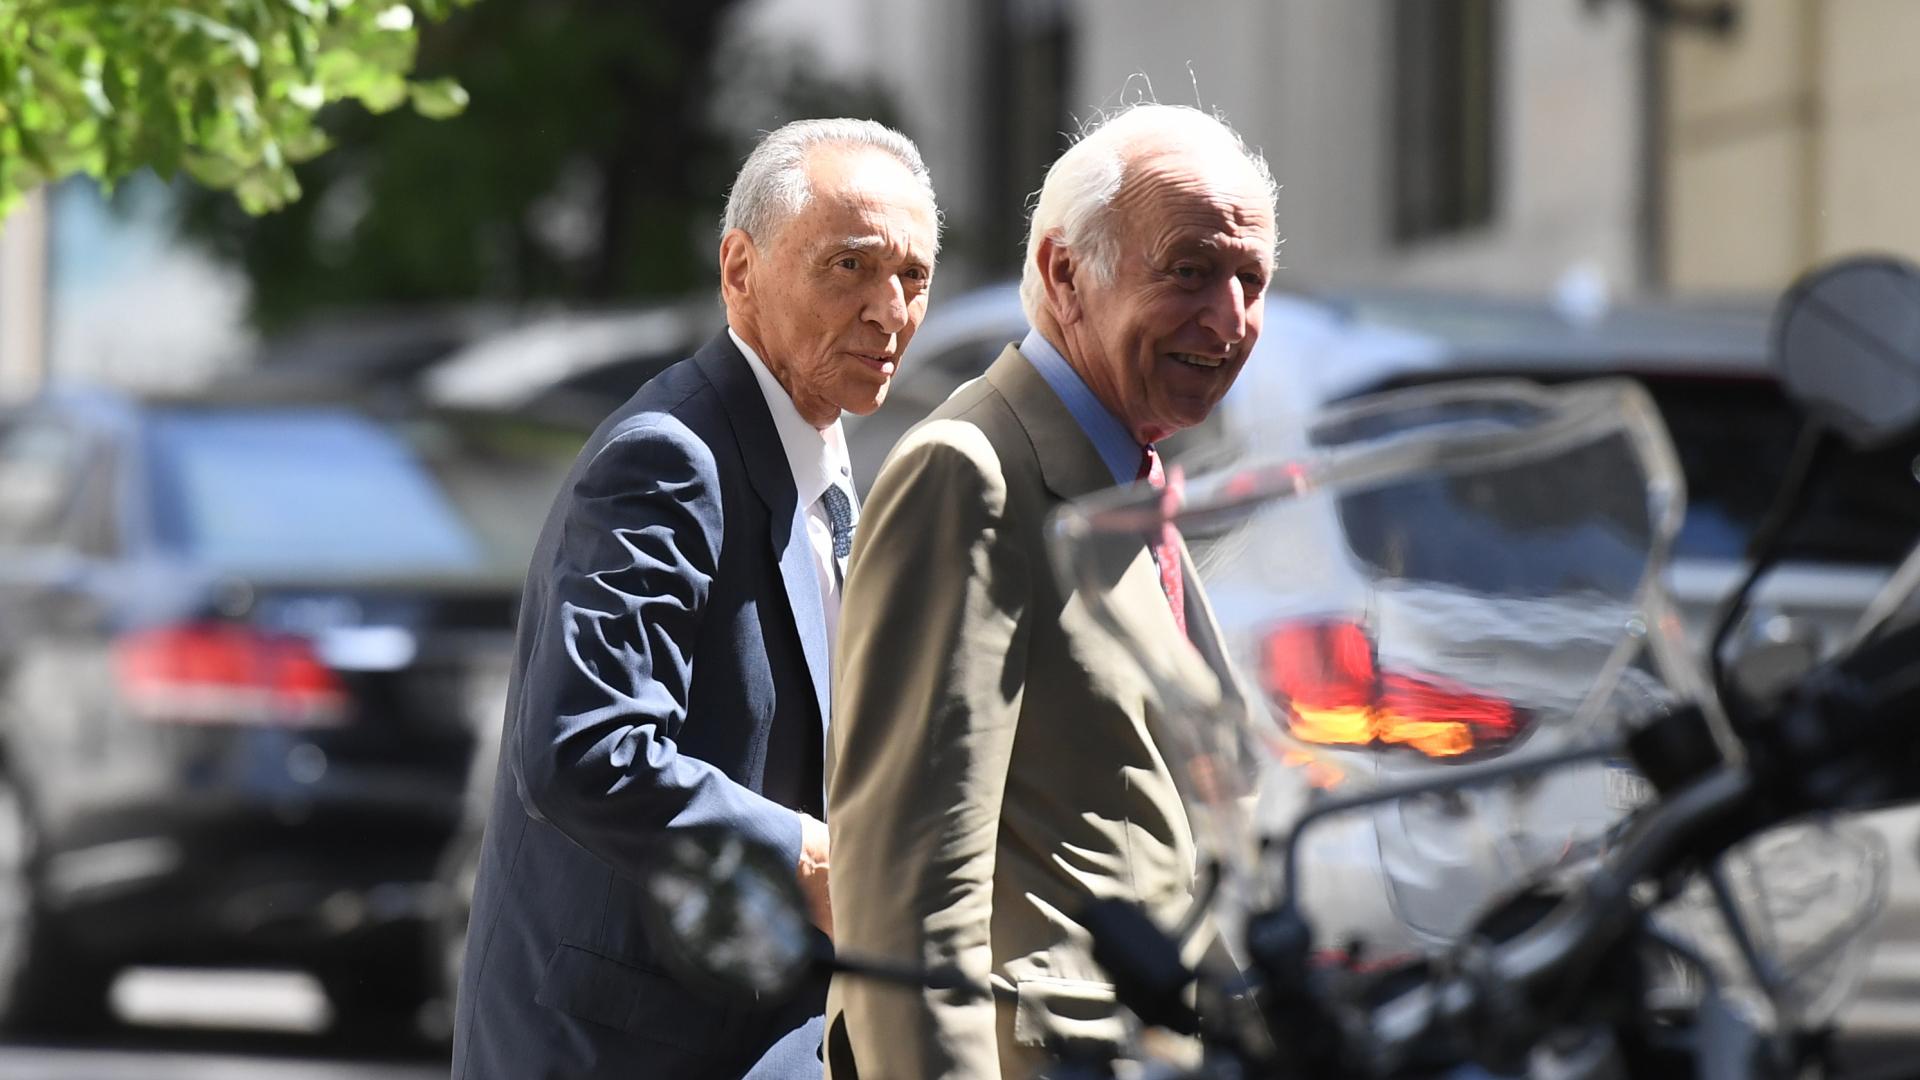 Héctor Magnetto, CEO de Grupo Clarín, y Santiago Soldati